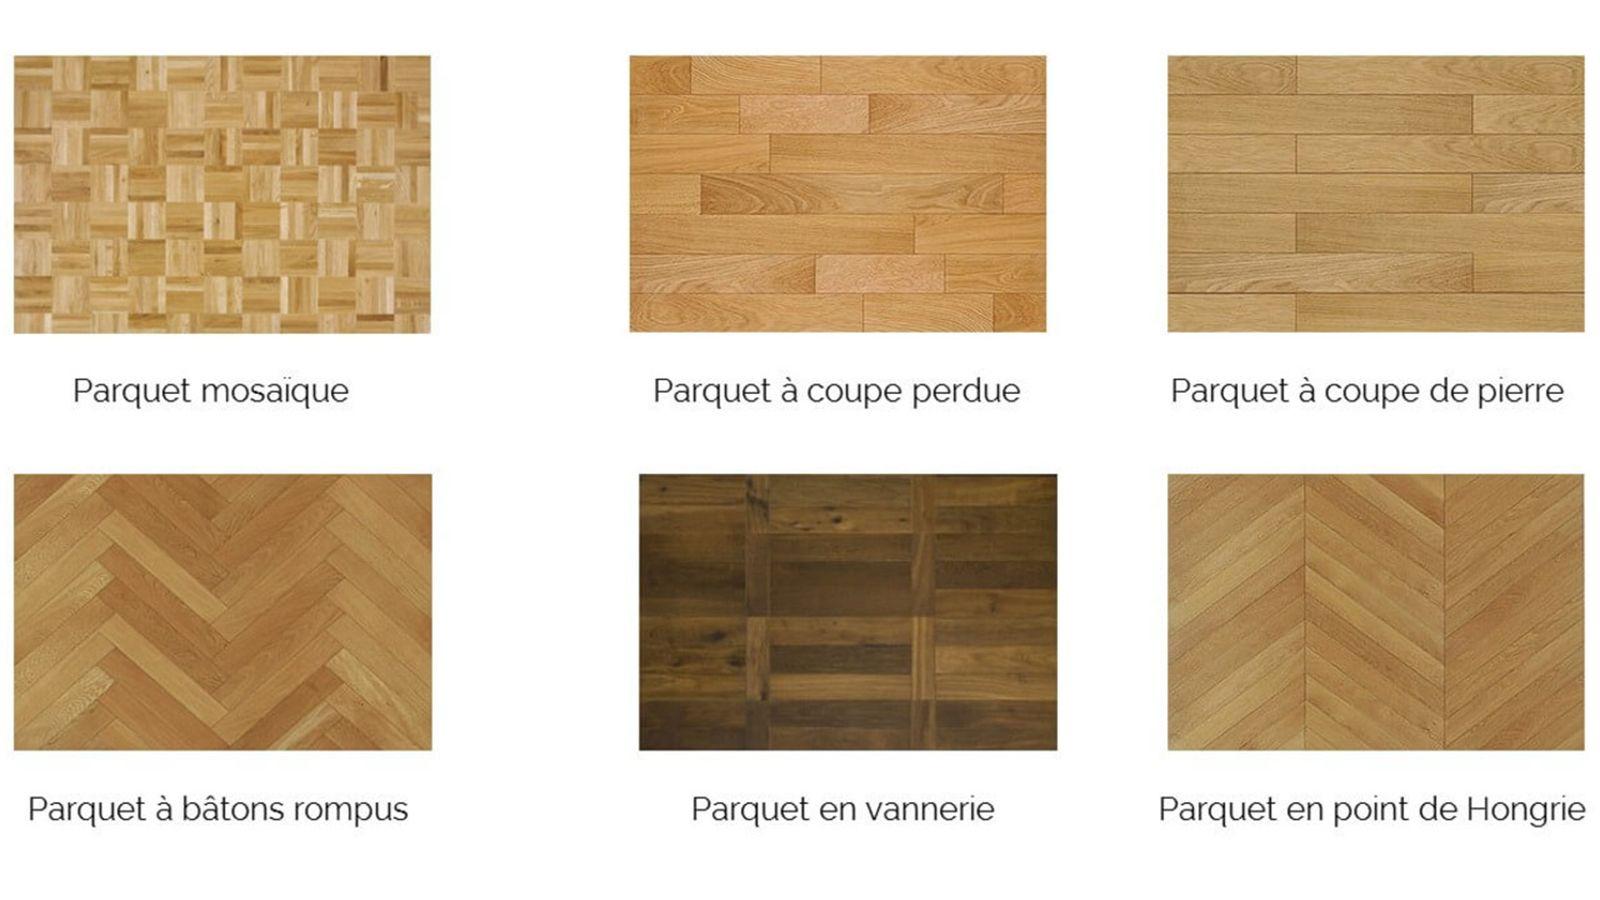 Refaire Joint Parquet Ancien styles de parquet - recherche google | pose parquet, pose